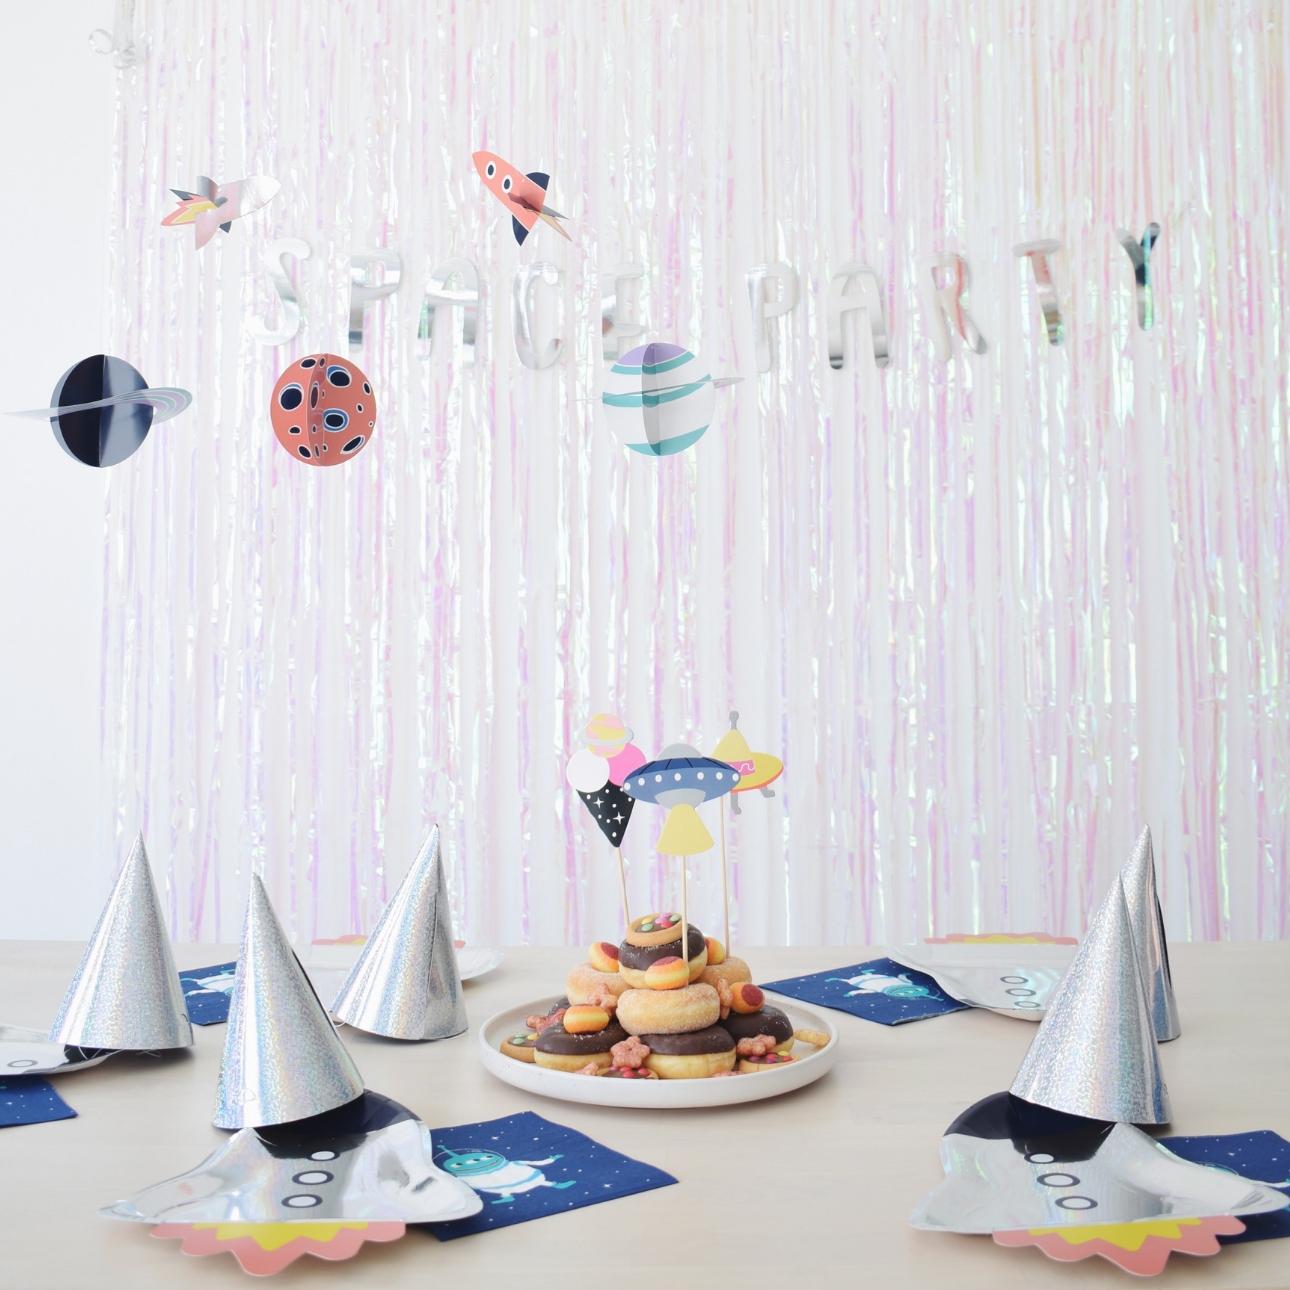 space party kinderfeestje tafel donuttaart